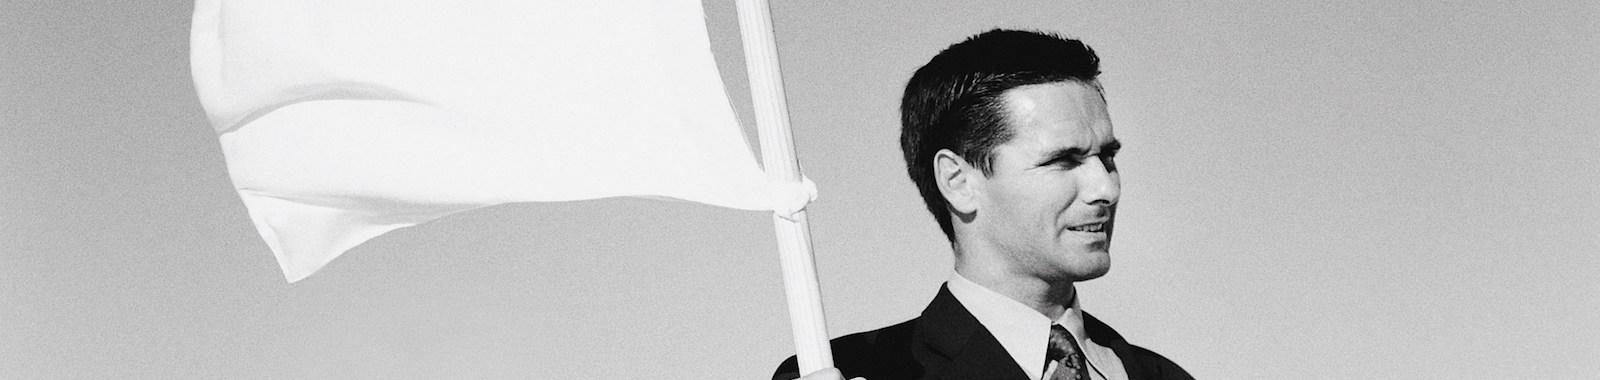 Businessman holding white flag